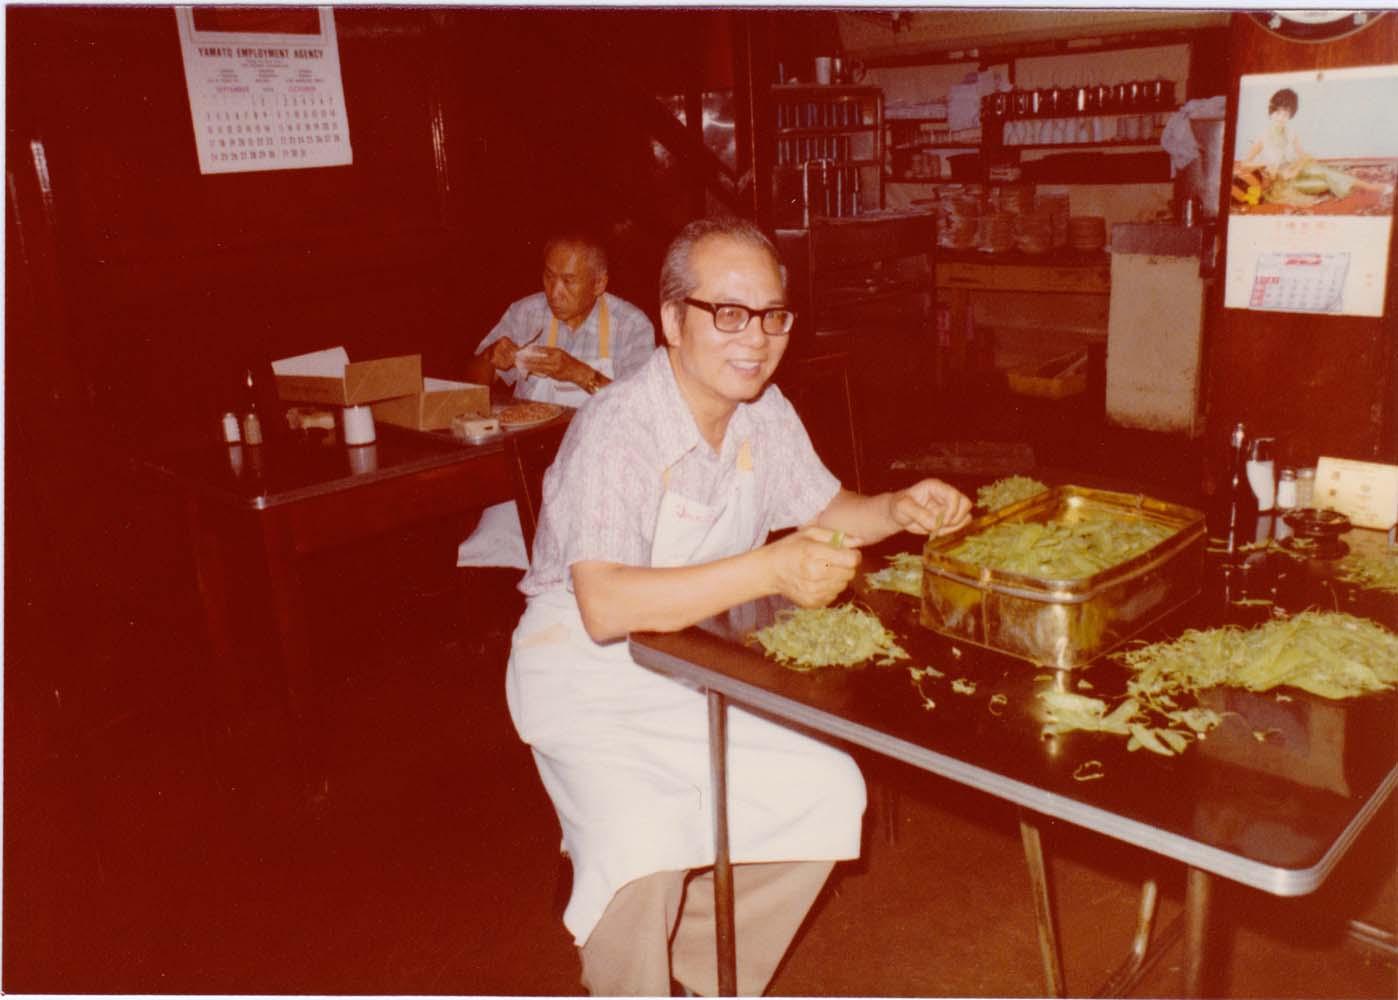 Sushi Restaurants East 50s